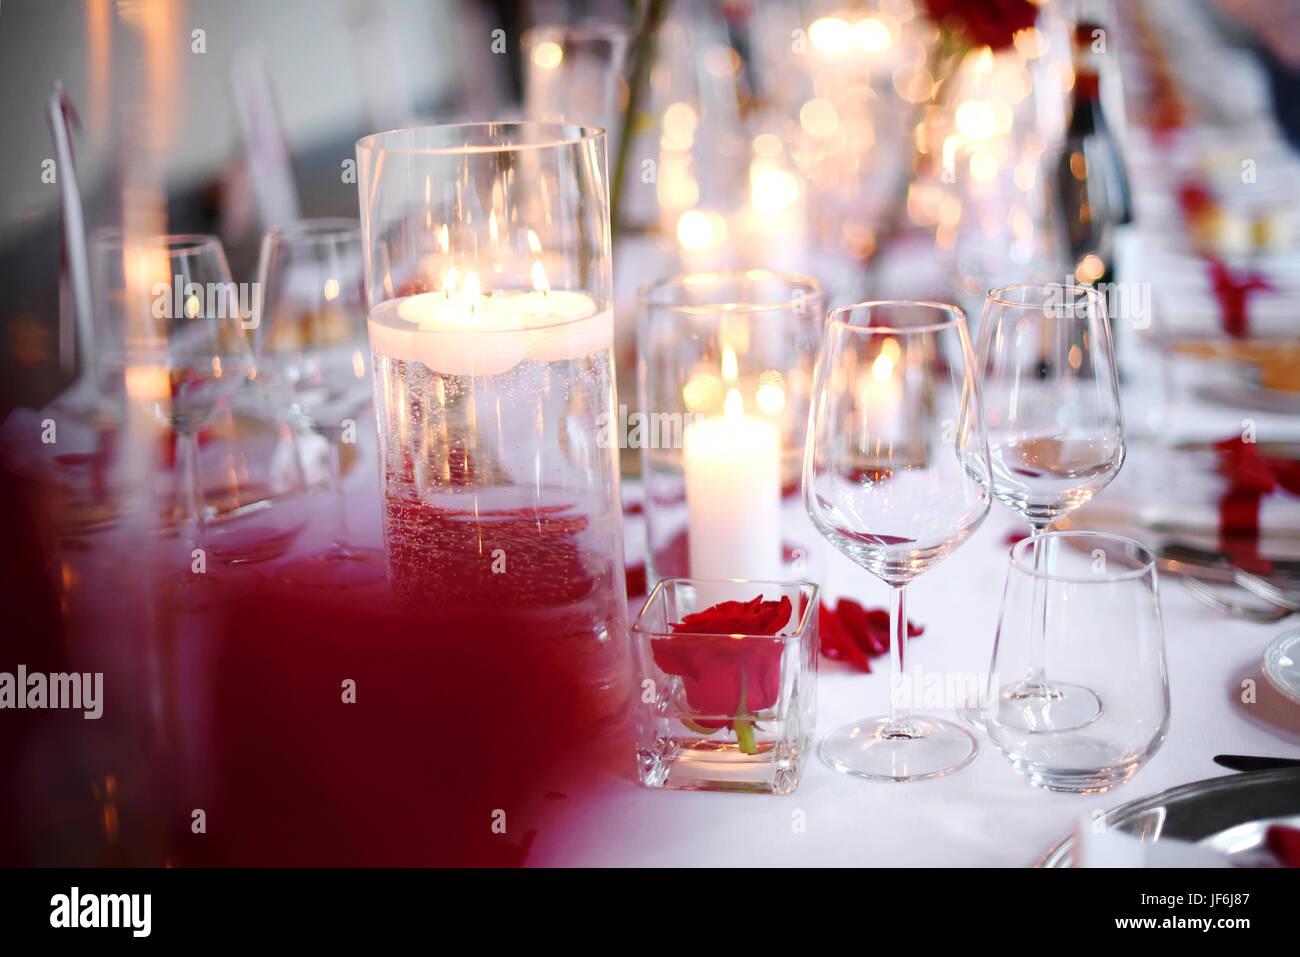 Romantisches Candle Light Dinner Tischdekoration Mit Eleganten